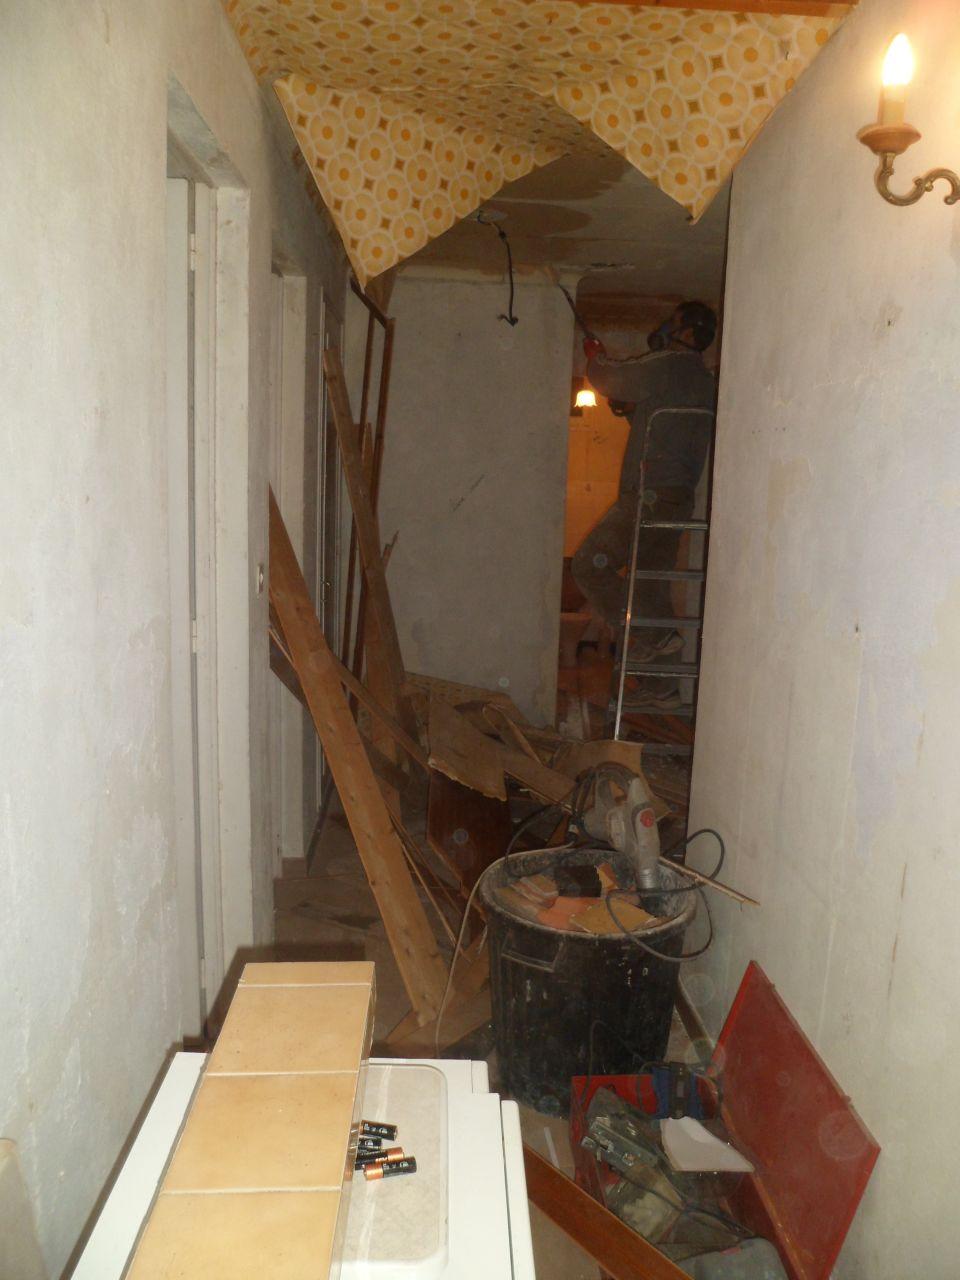 On casse tout !Monsieur retire le faux-plafond dans lequel était encastré un système de chauffage relié à la cheminée... prêt à enflammer toute la maison !